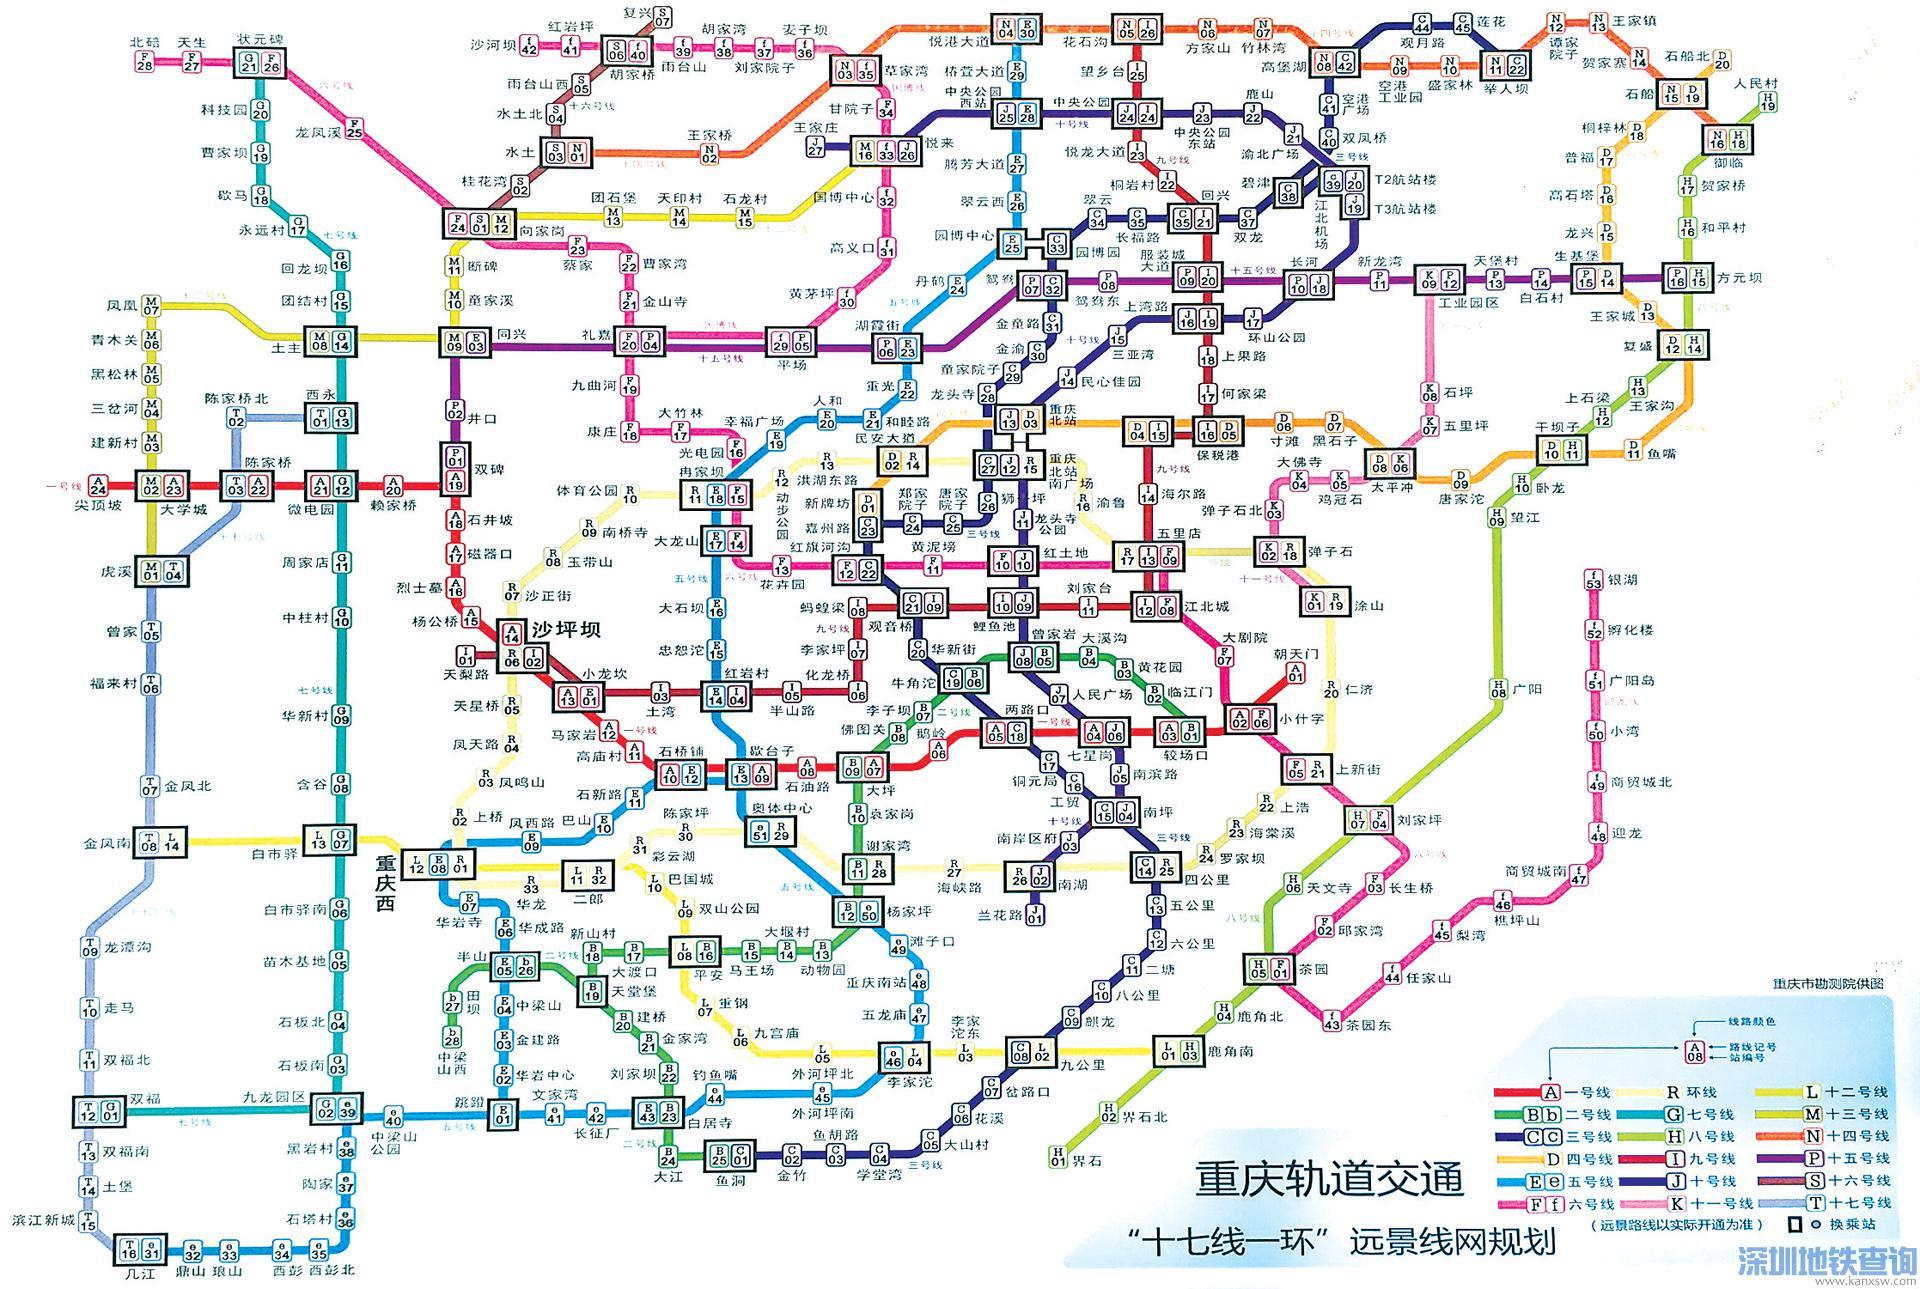 重庆地铁轻轨17号线线路图图片